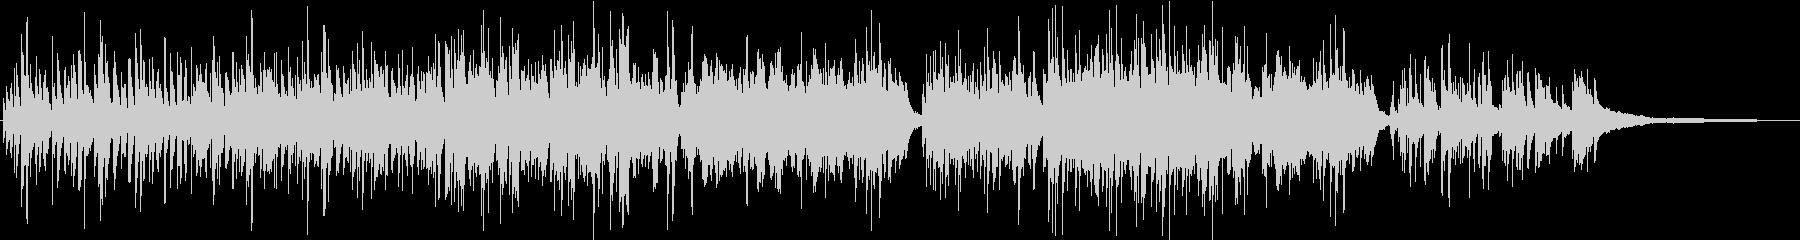 温かな旋律が感動的 生演奏のピアノ の未再生の波形